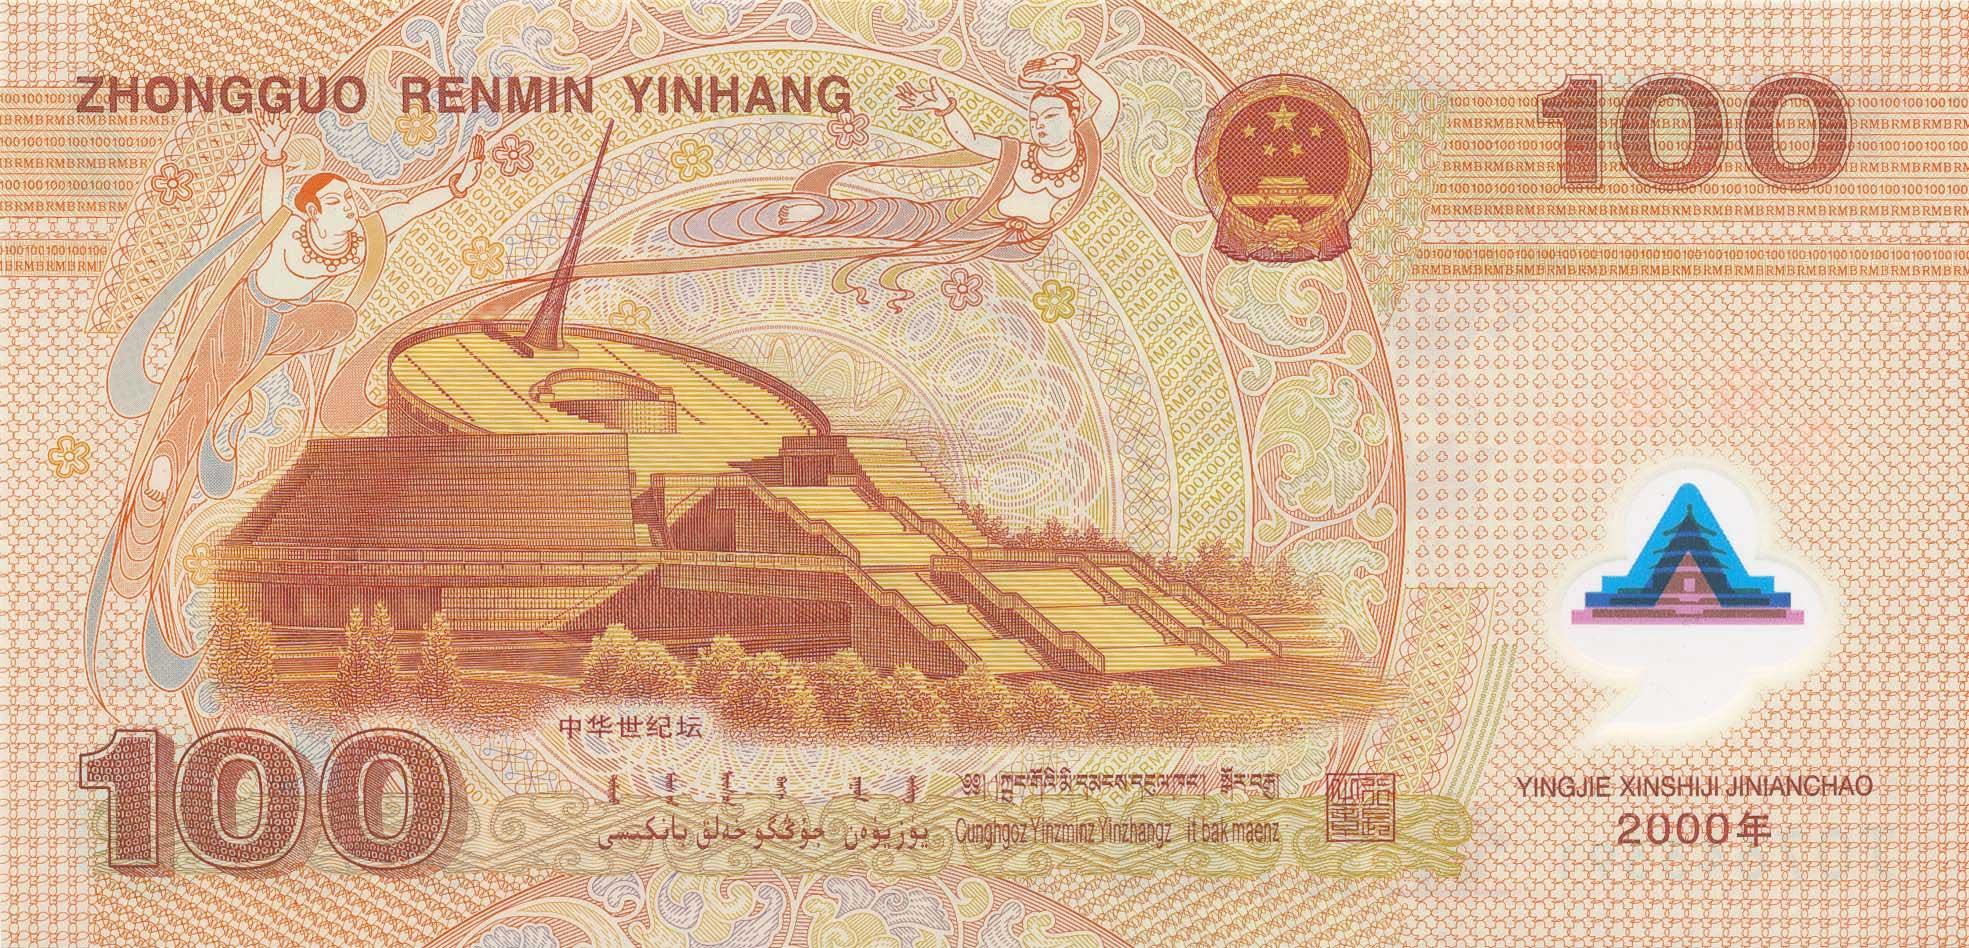 CHN-0902b-b